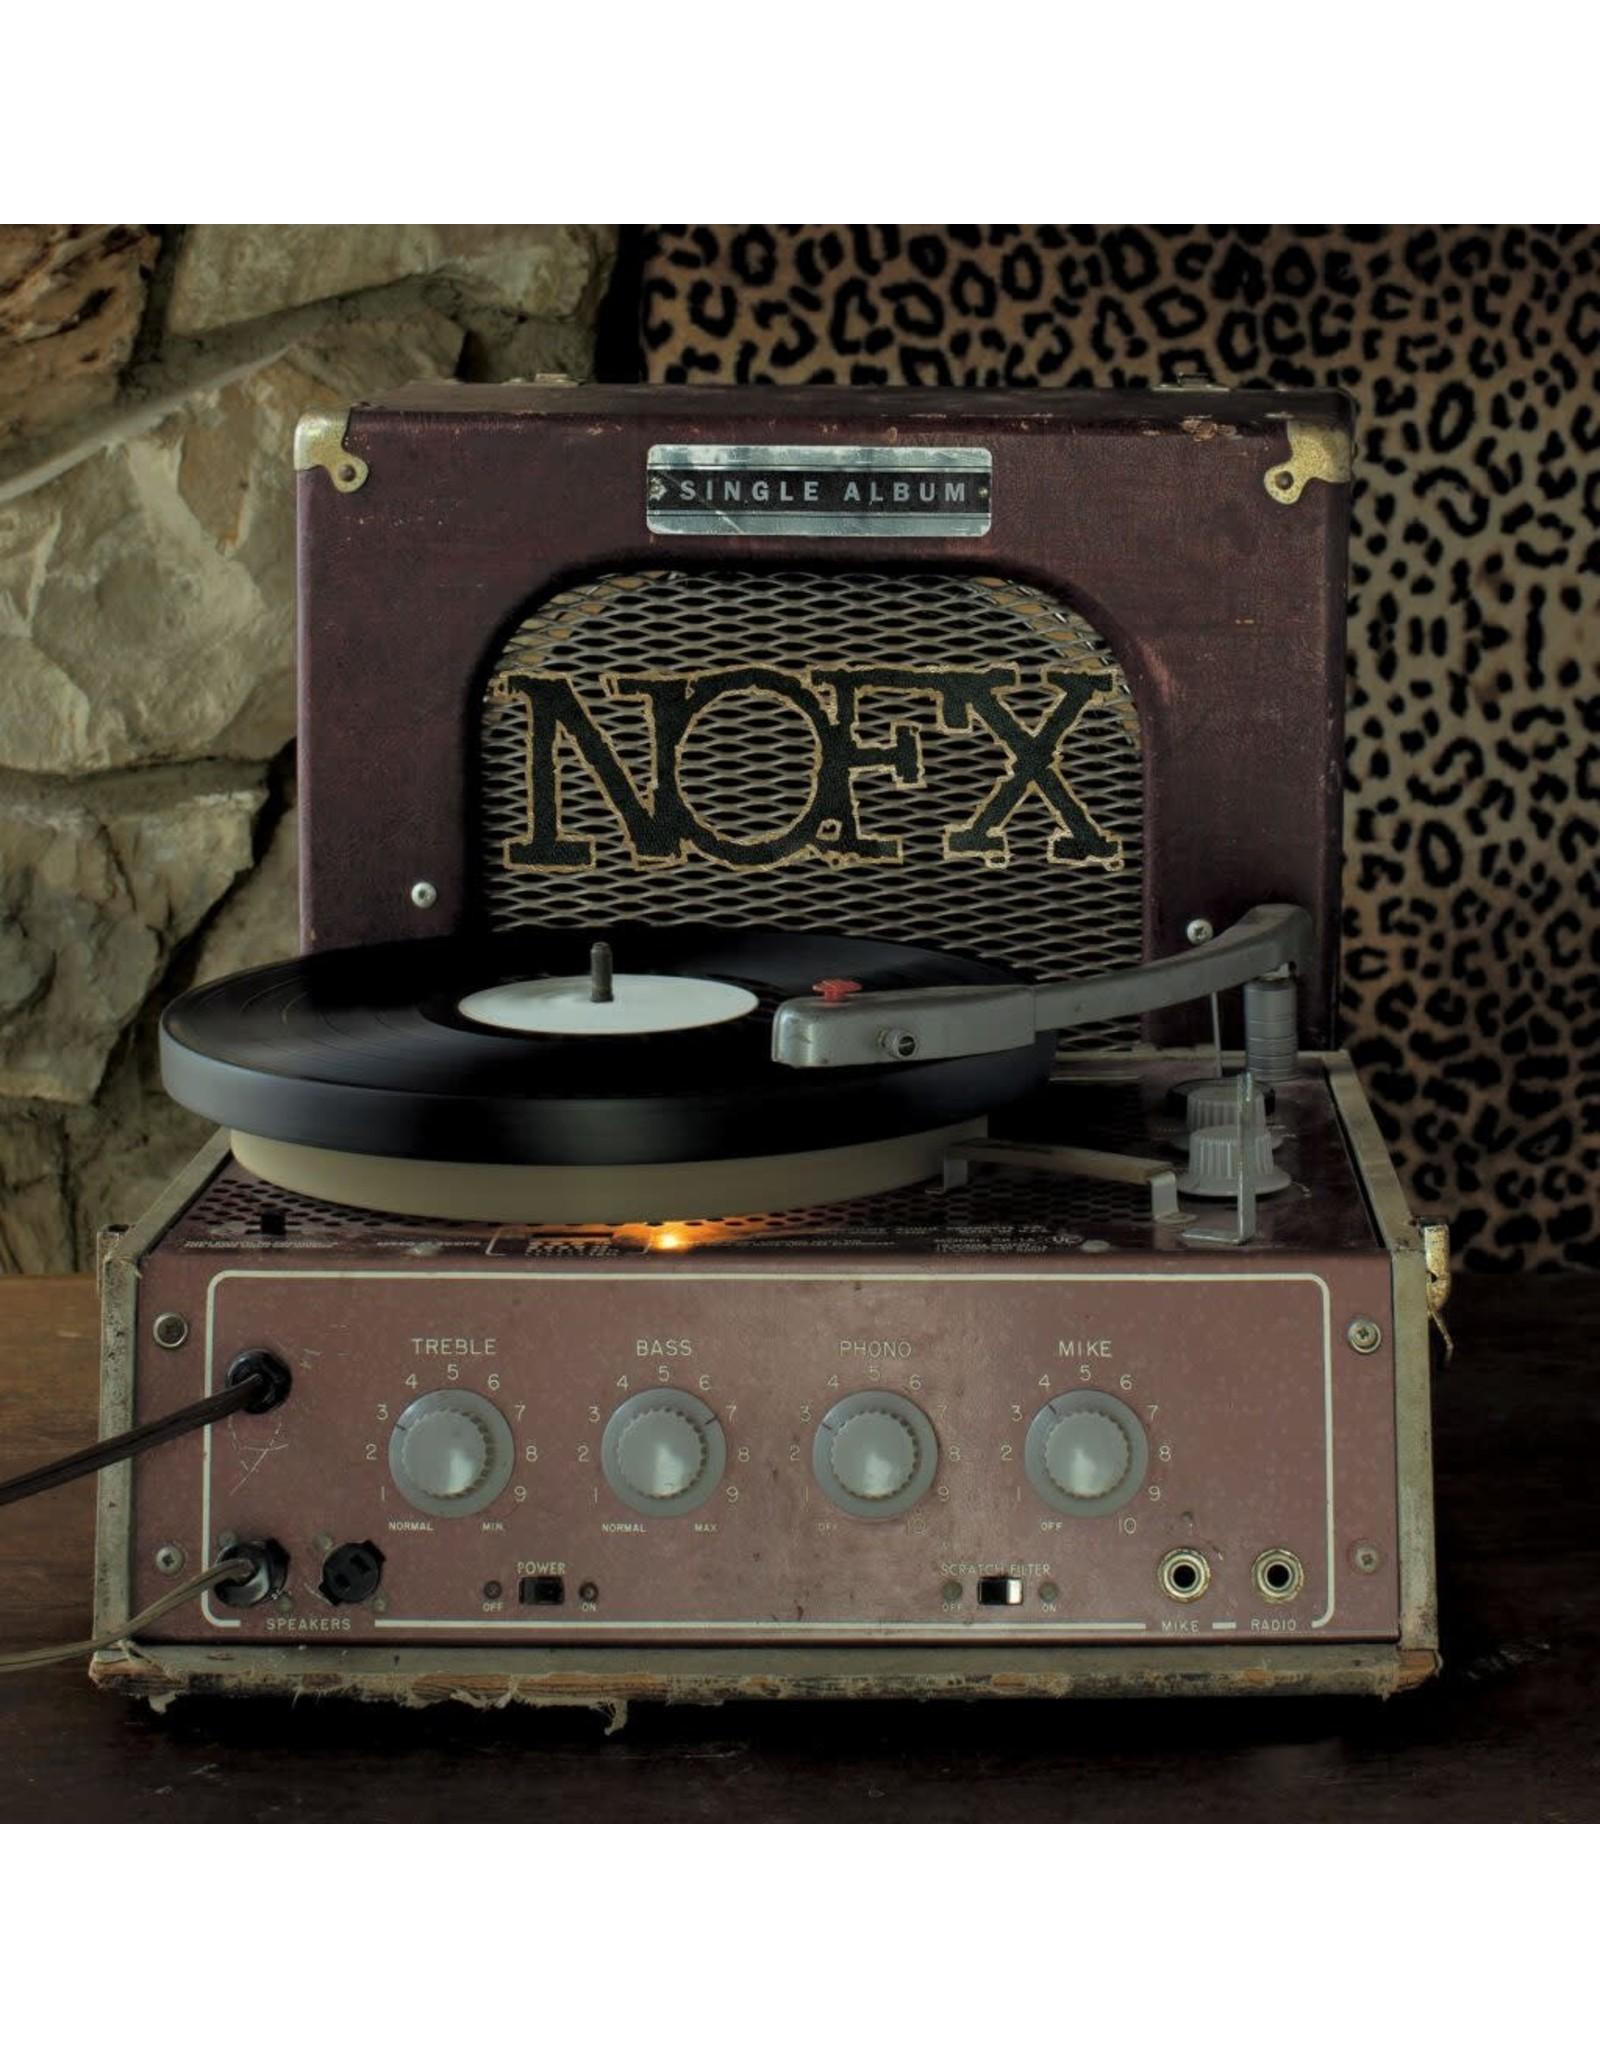 NOFX - Single Album CD